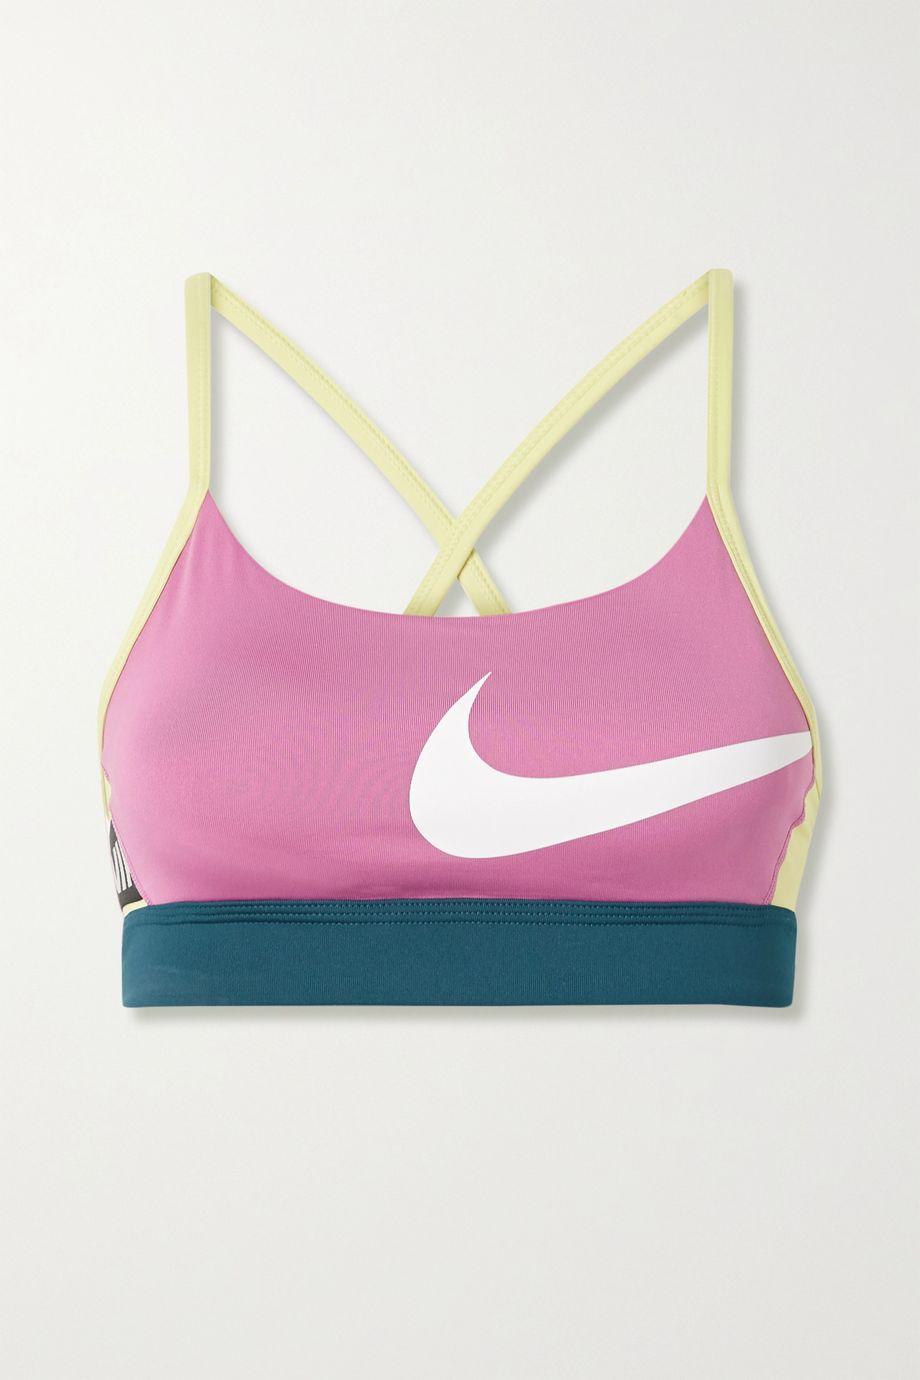 Nike Icon Clash color-block Dri-FIT sports bra